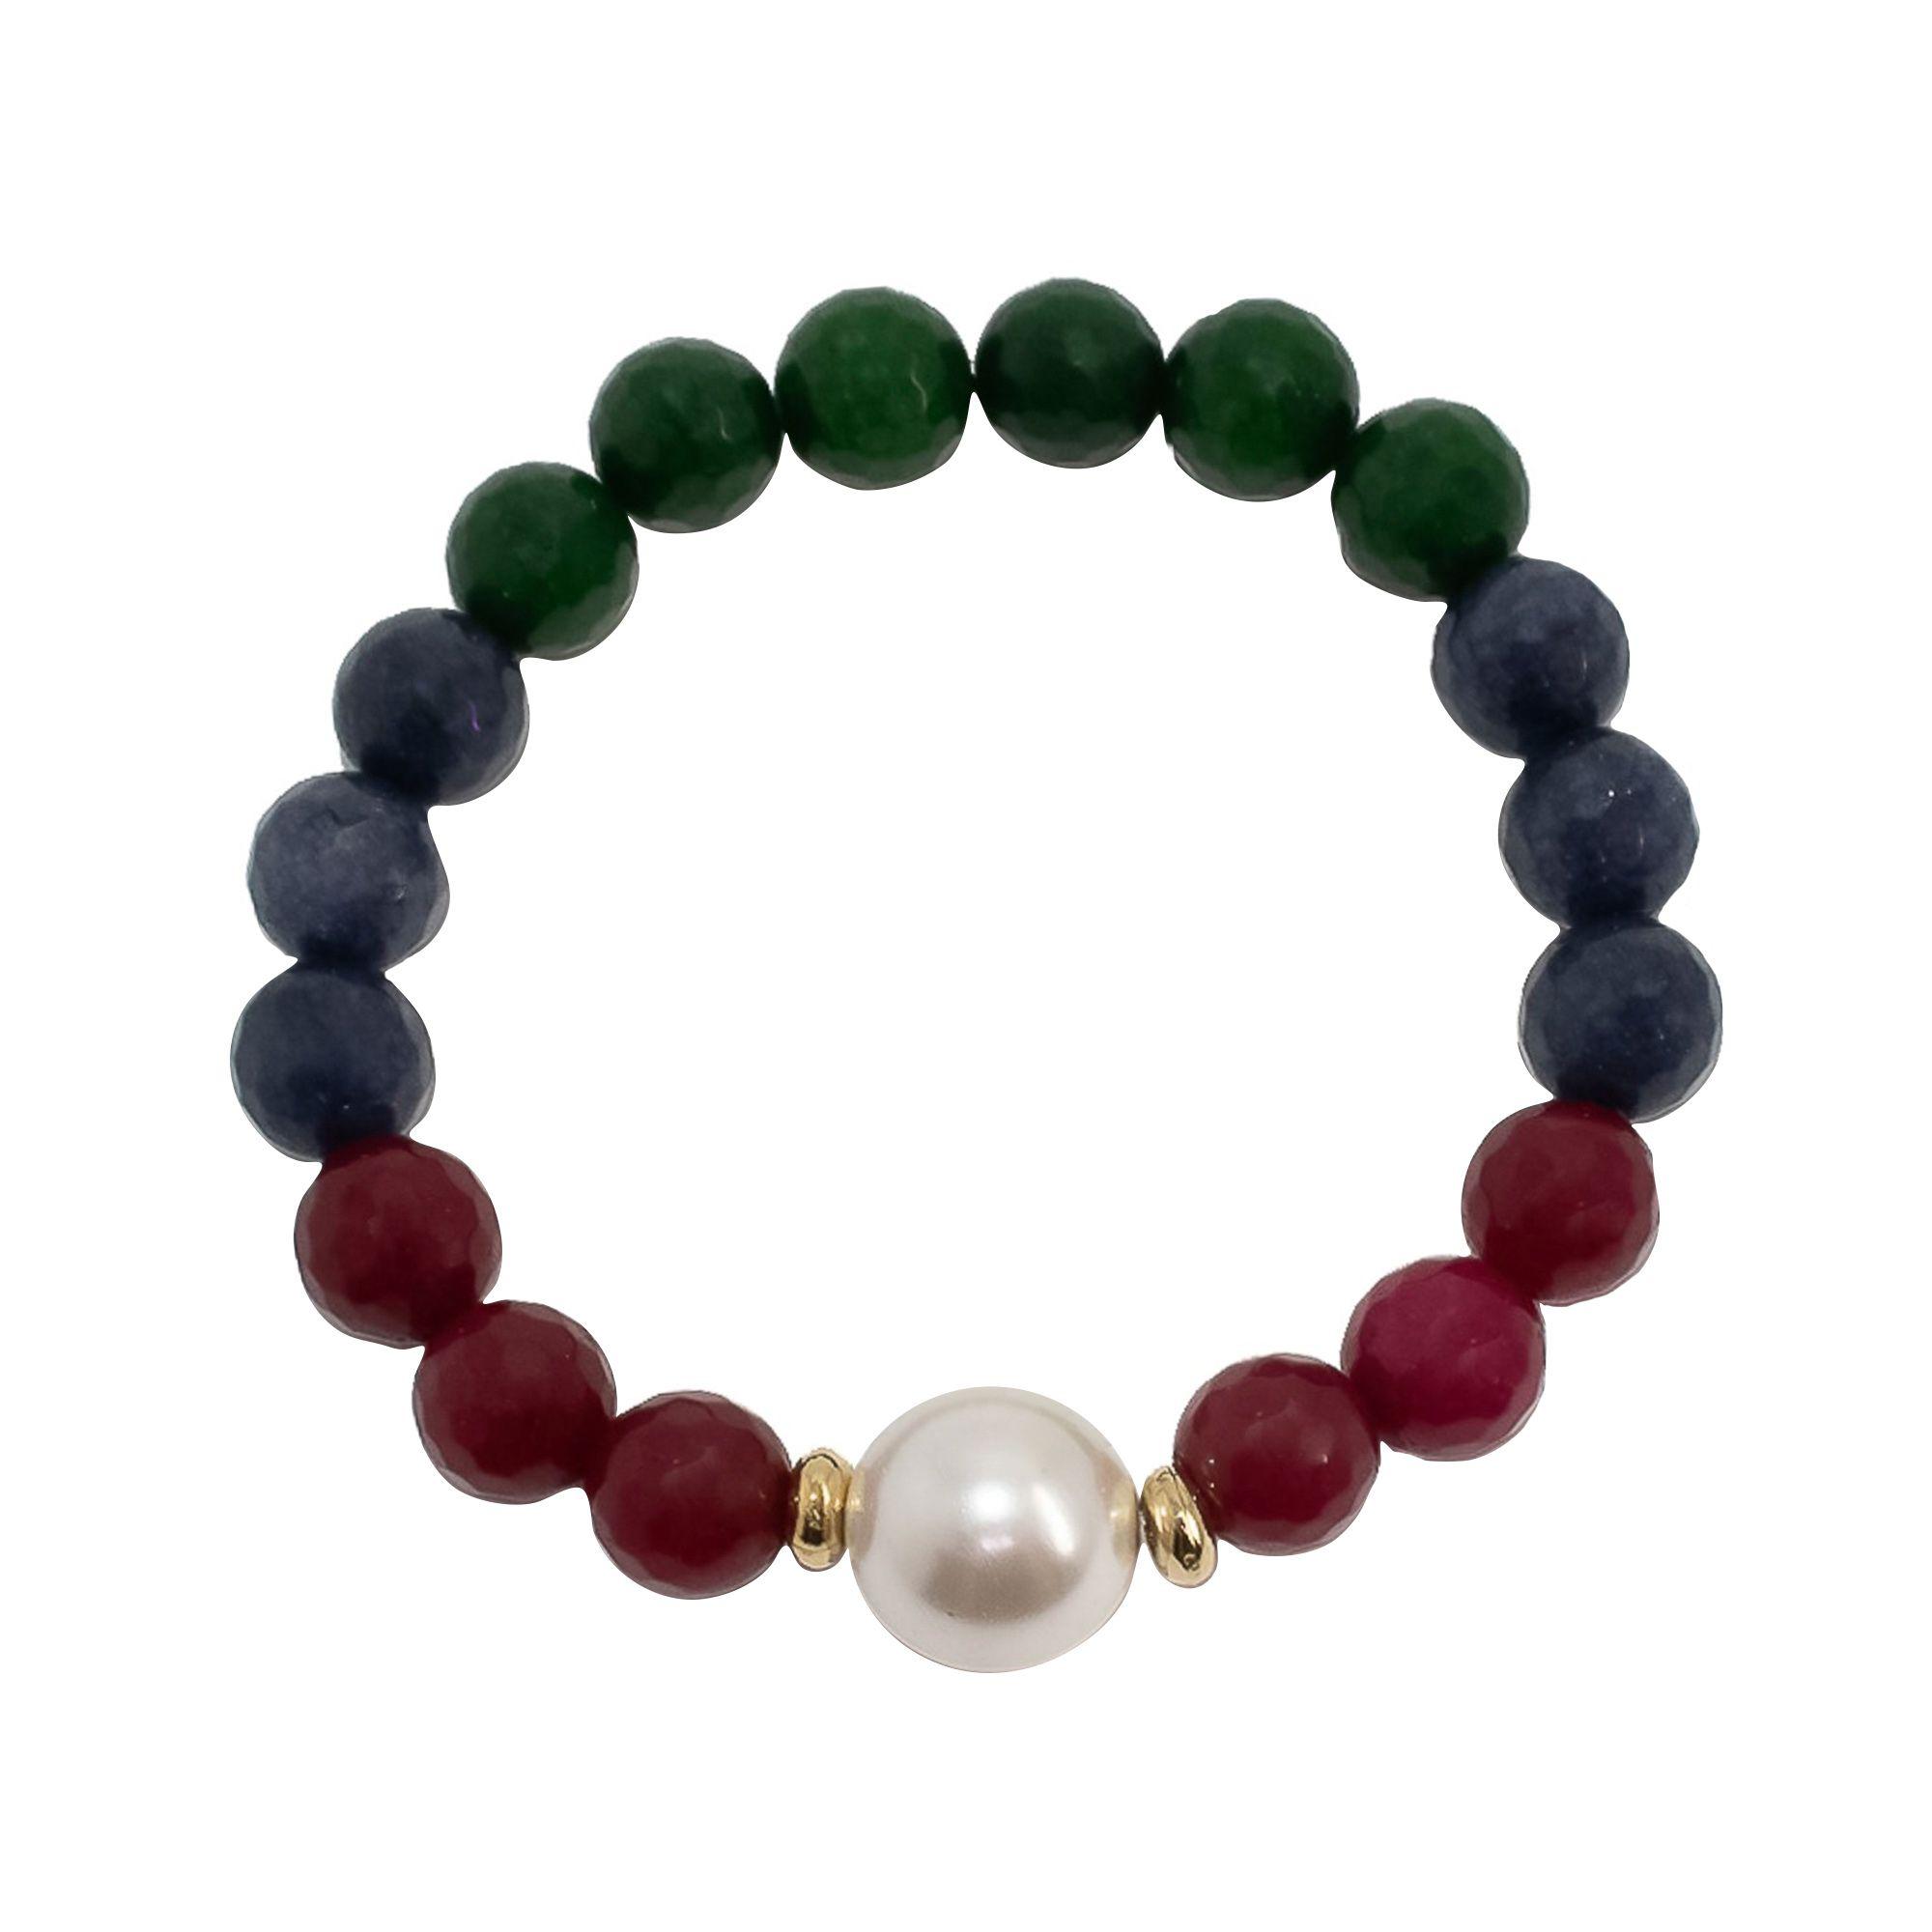 Pulseira  Semi joia com pedra natural Jade e Pérola folheada a ouro 18k ou rhodium